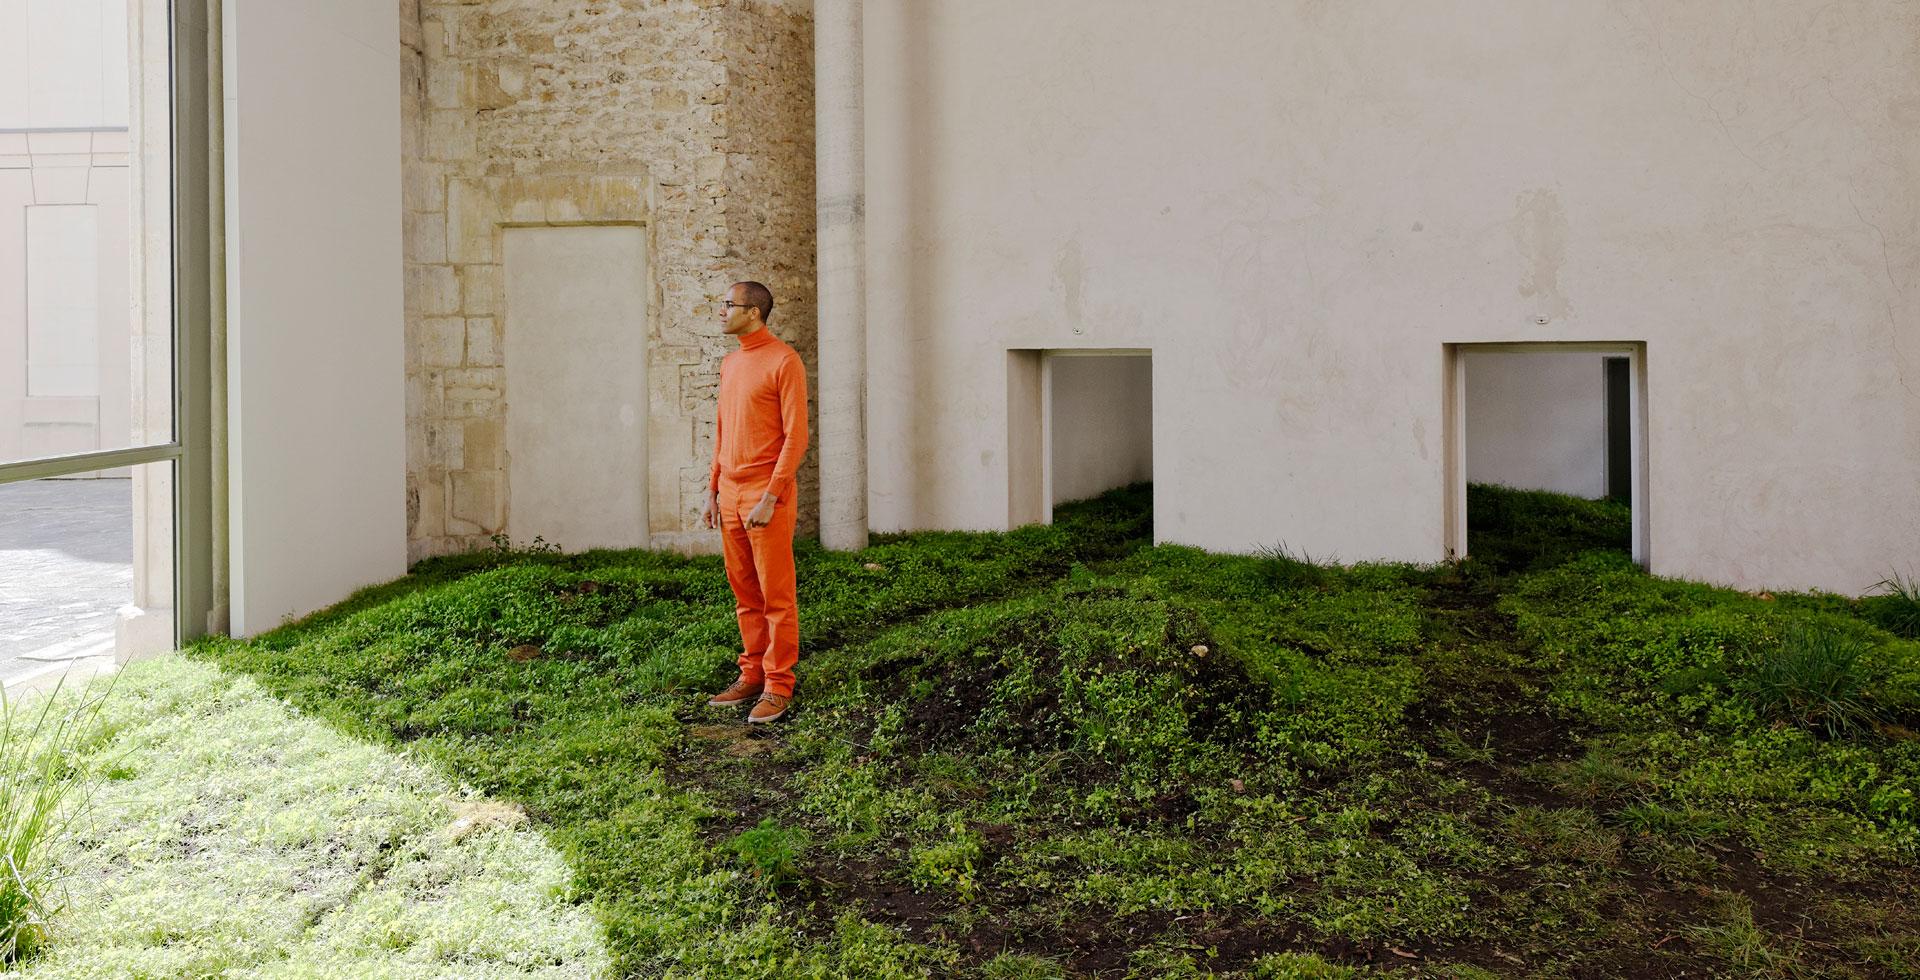 lacune féconde site-specific installation, La Maréchalerie art center, Versailles, France